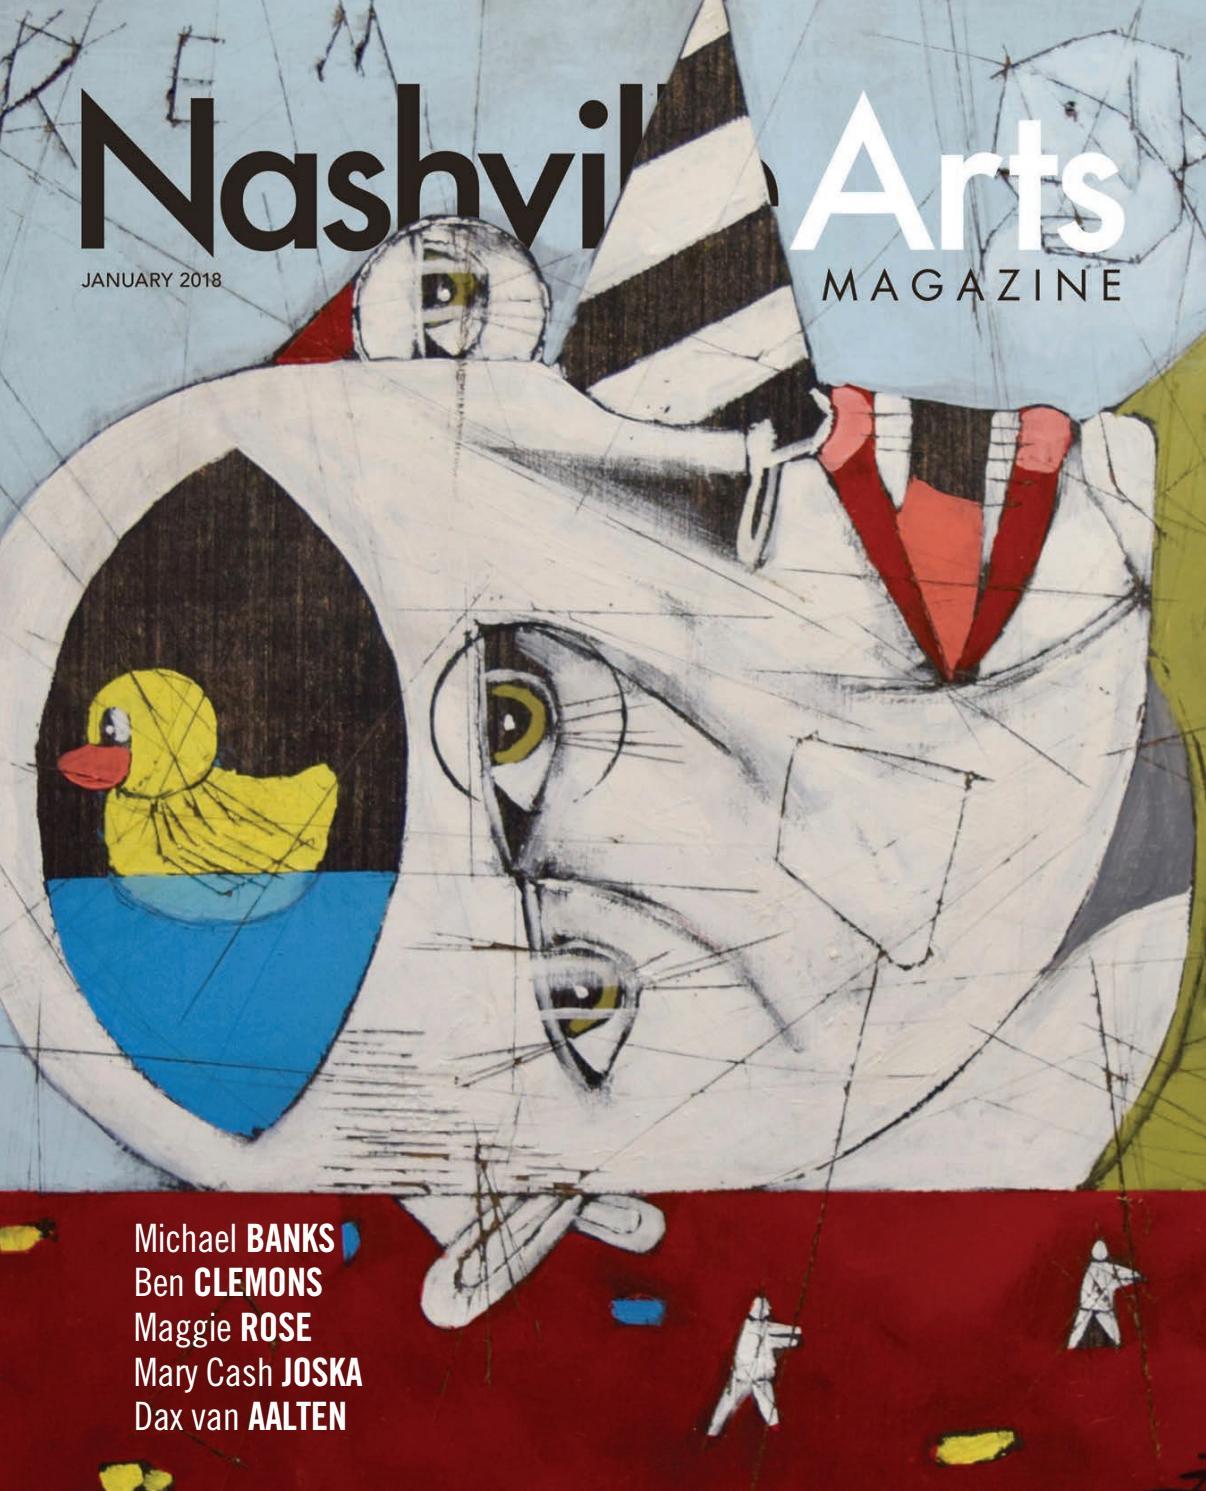 80cade313a3b7 Nashville Arts Magazine - January 2018 by Nashville Arts Magazine - issuu